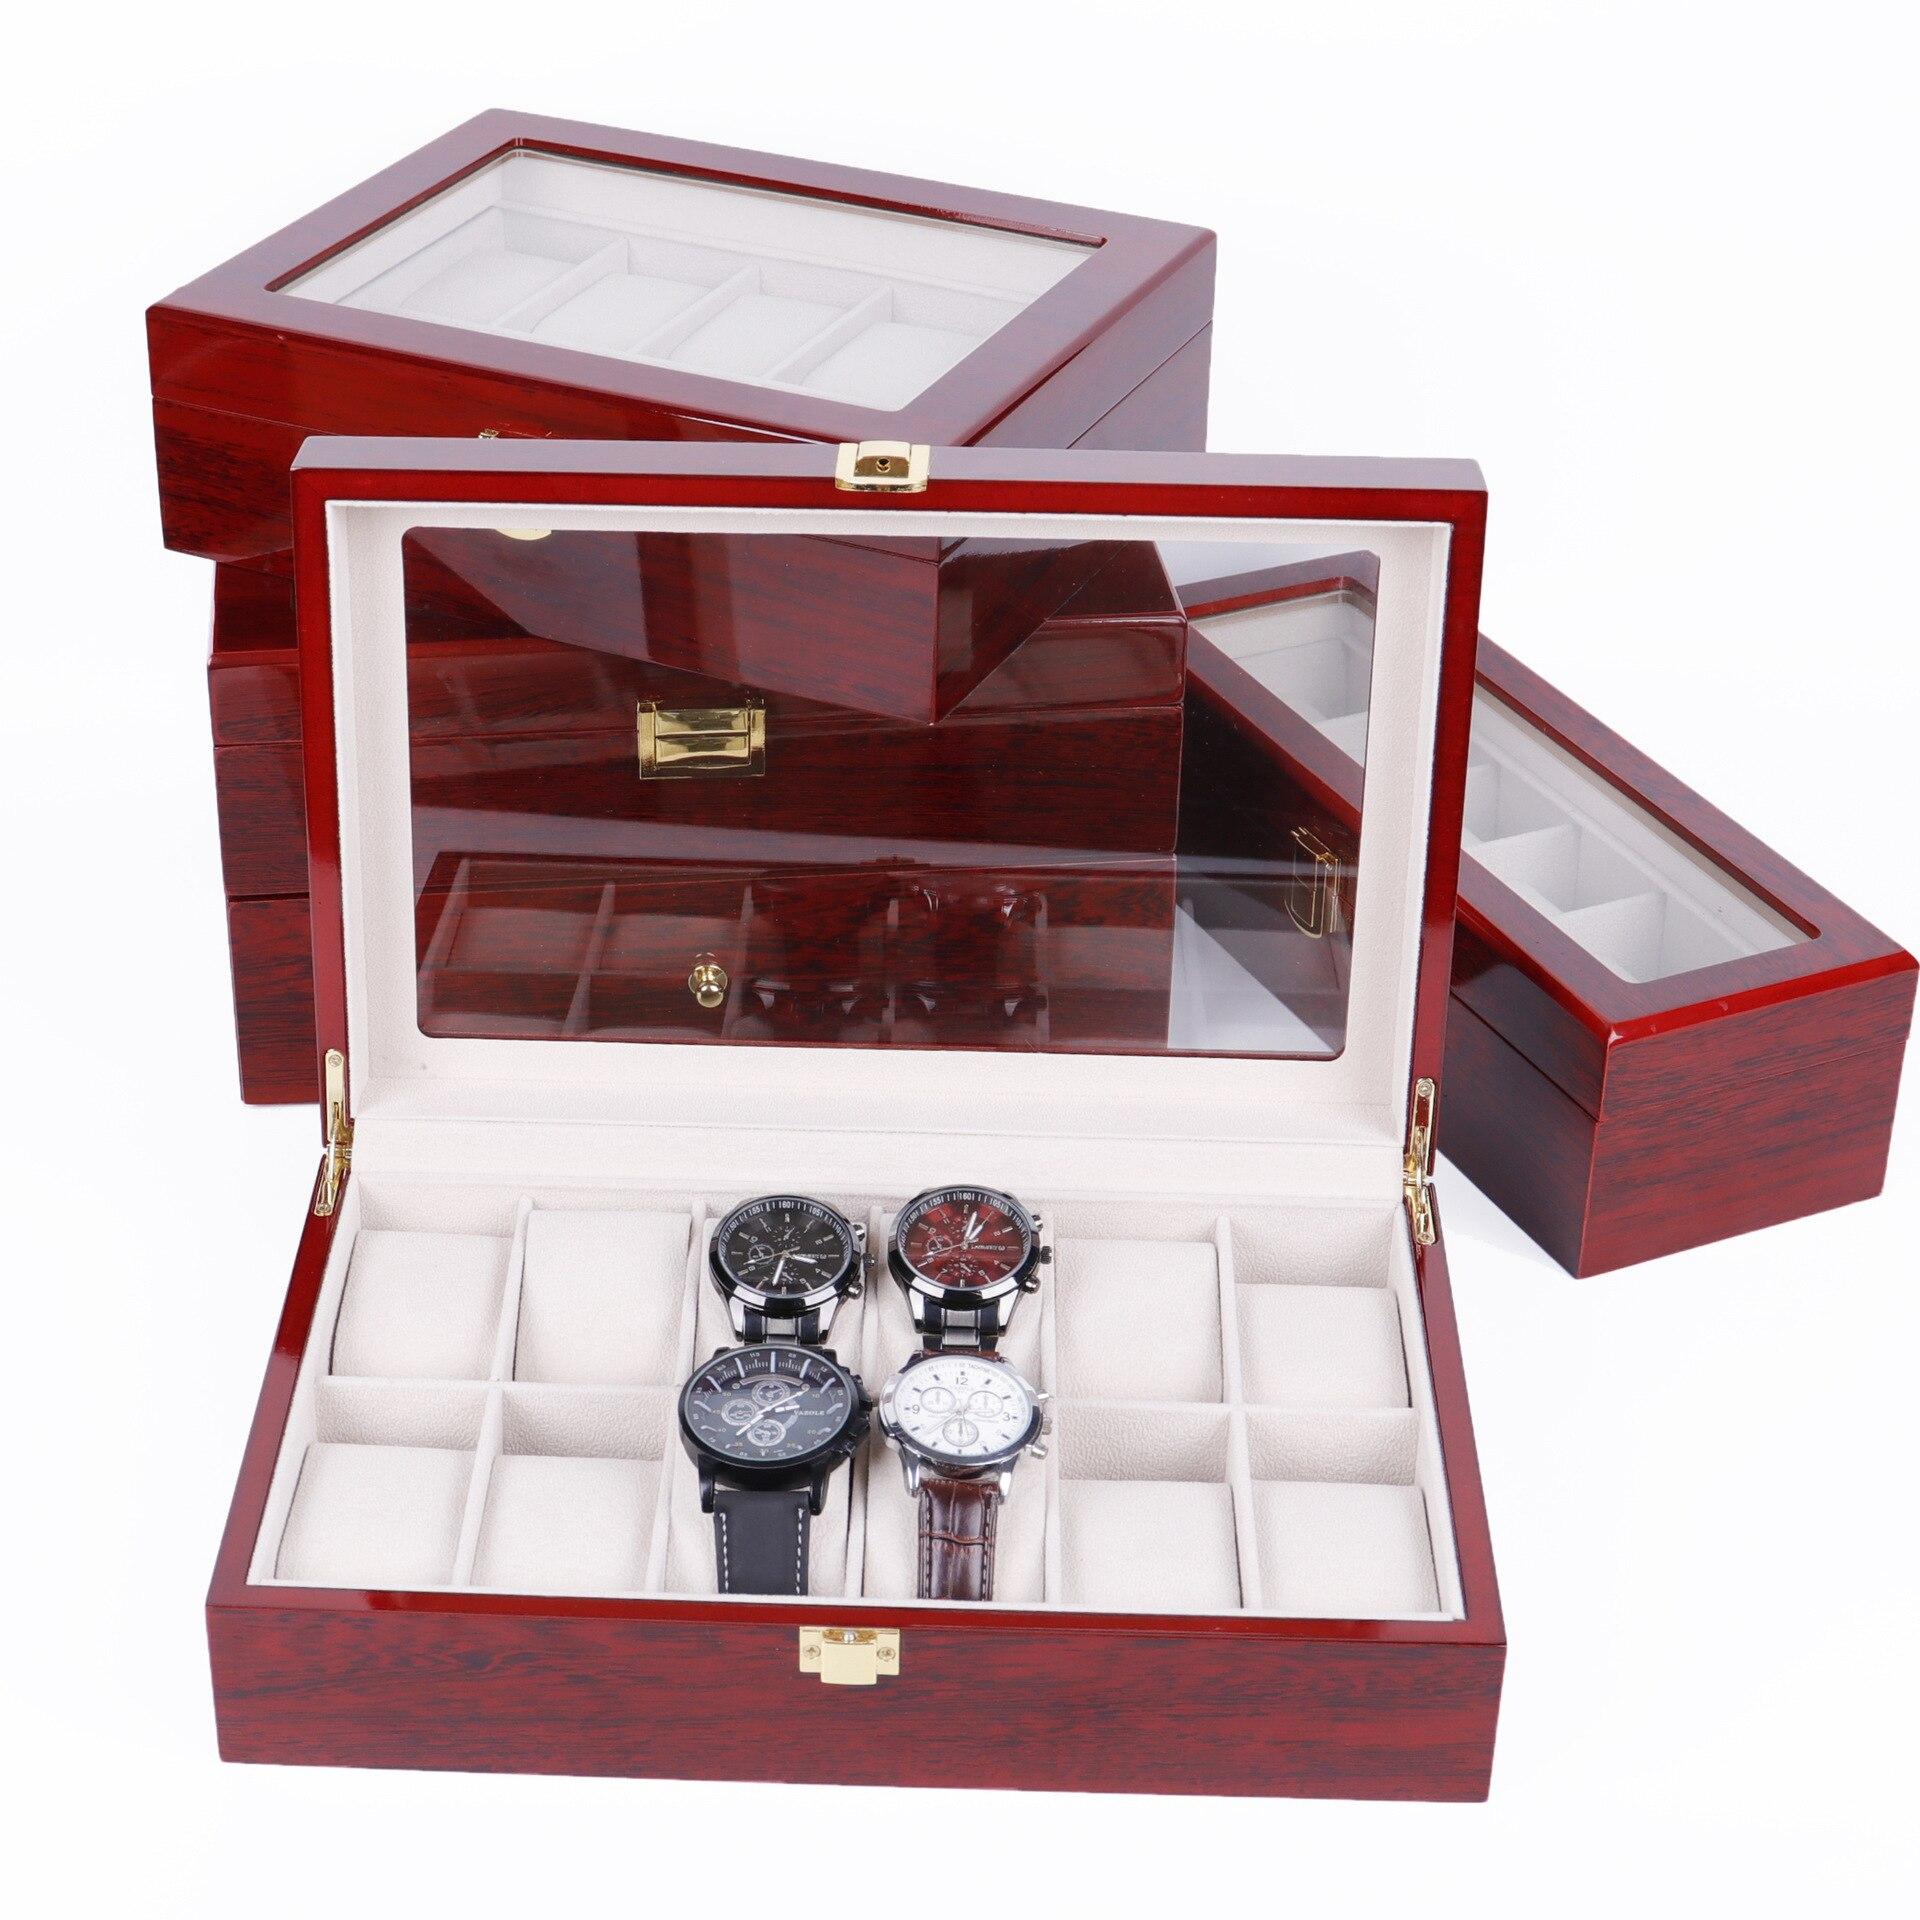 عالية الجودة صندوق خشبي ساعة الطلاء المنزلية الخبز الورنيش صندوق مجوهرات ساعة تخزين مجموعة التعبئة والتغليف